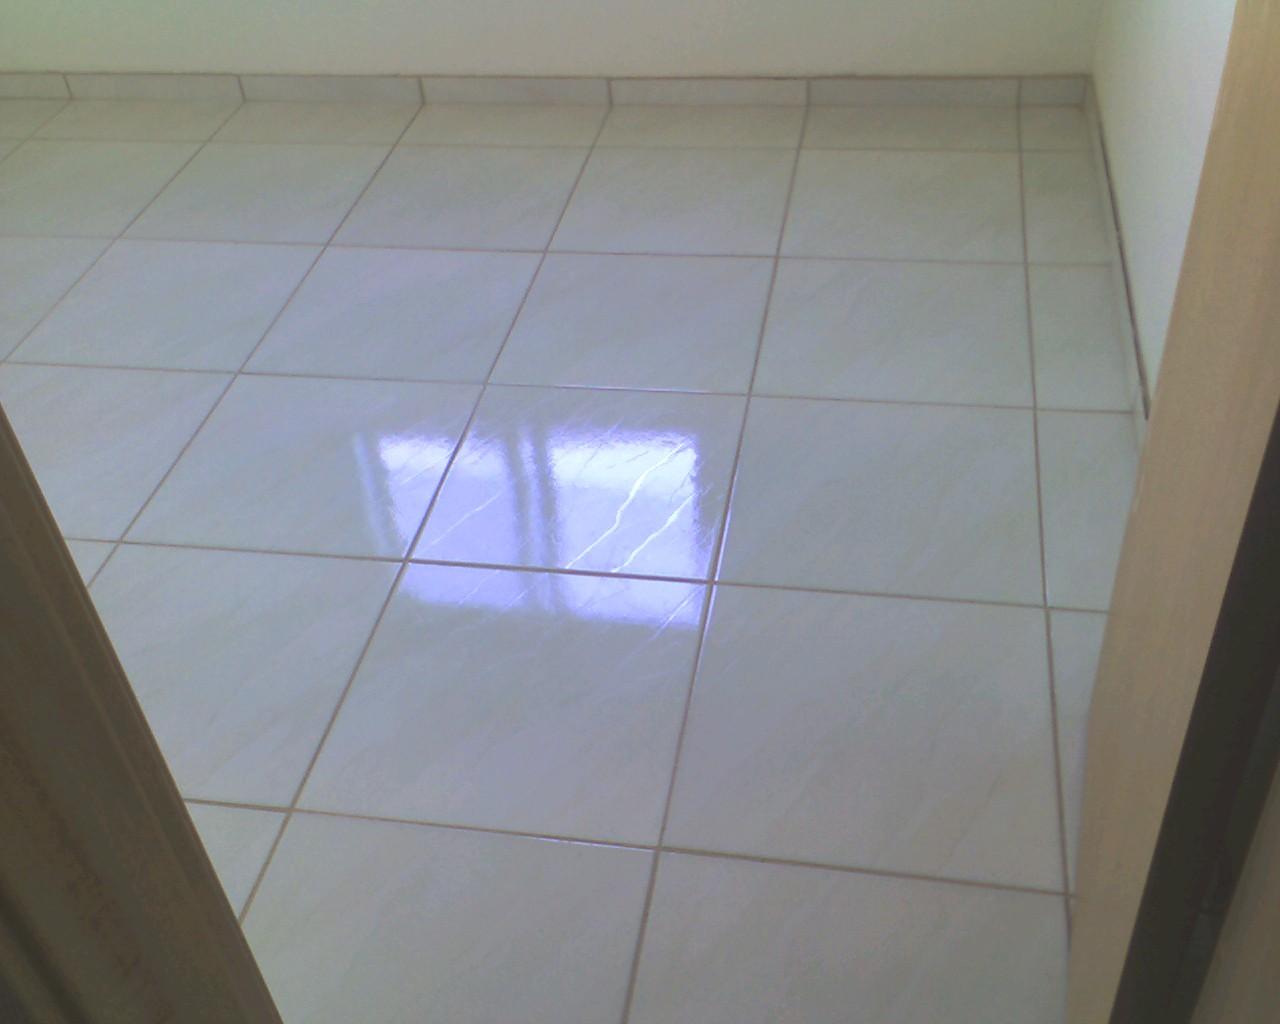 Reforma realizada em Caxias do Sul com colocação de azulejo  #1D3BAE 1280x1024 Banheiro Antigo Reformado